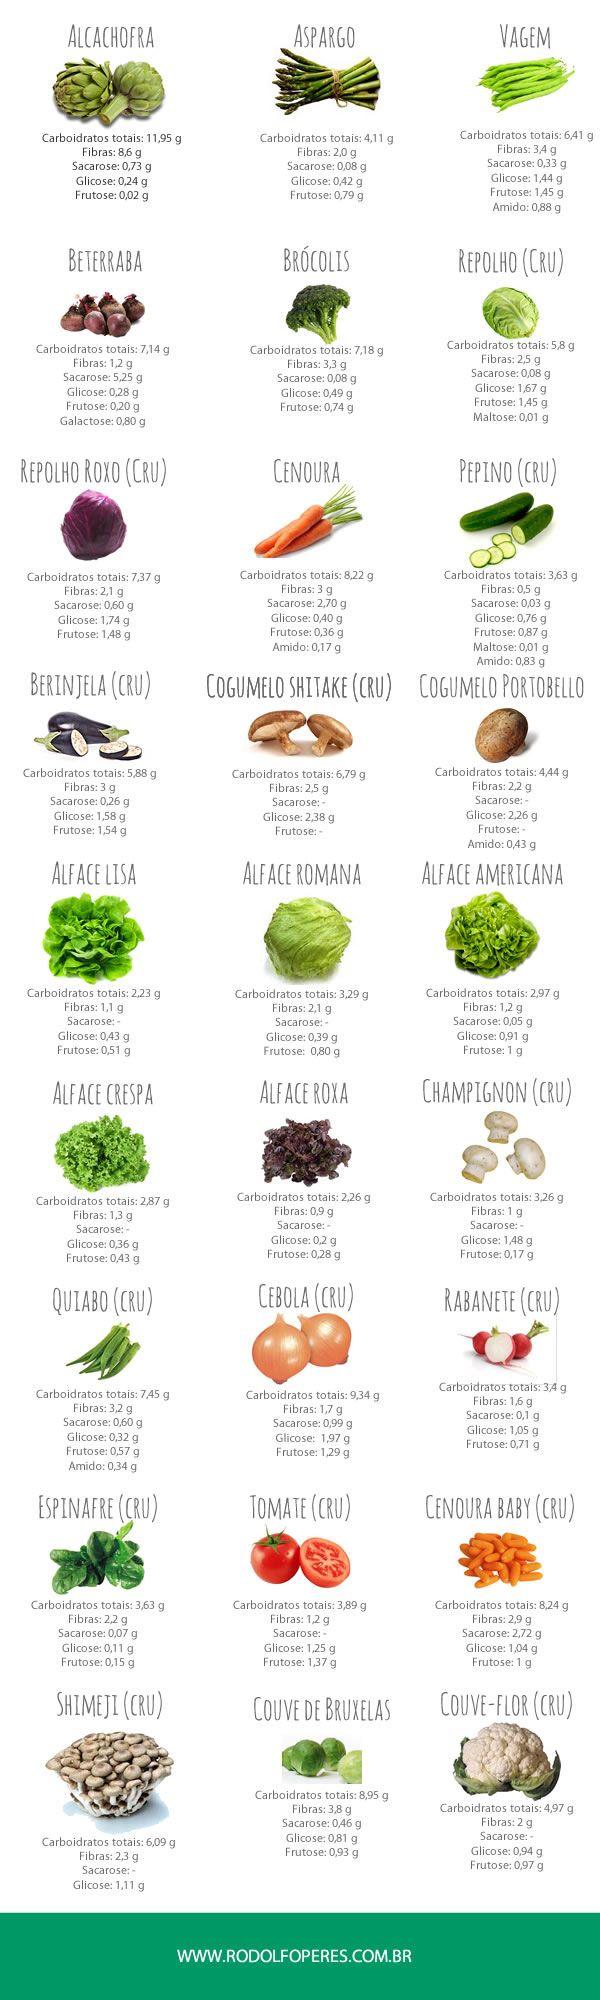 legumes e verduras - guia nutricional | Nutricionista Rodolfo Peres